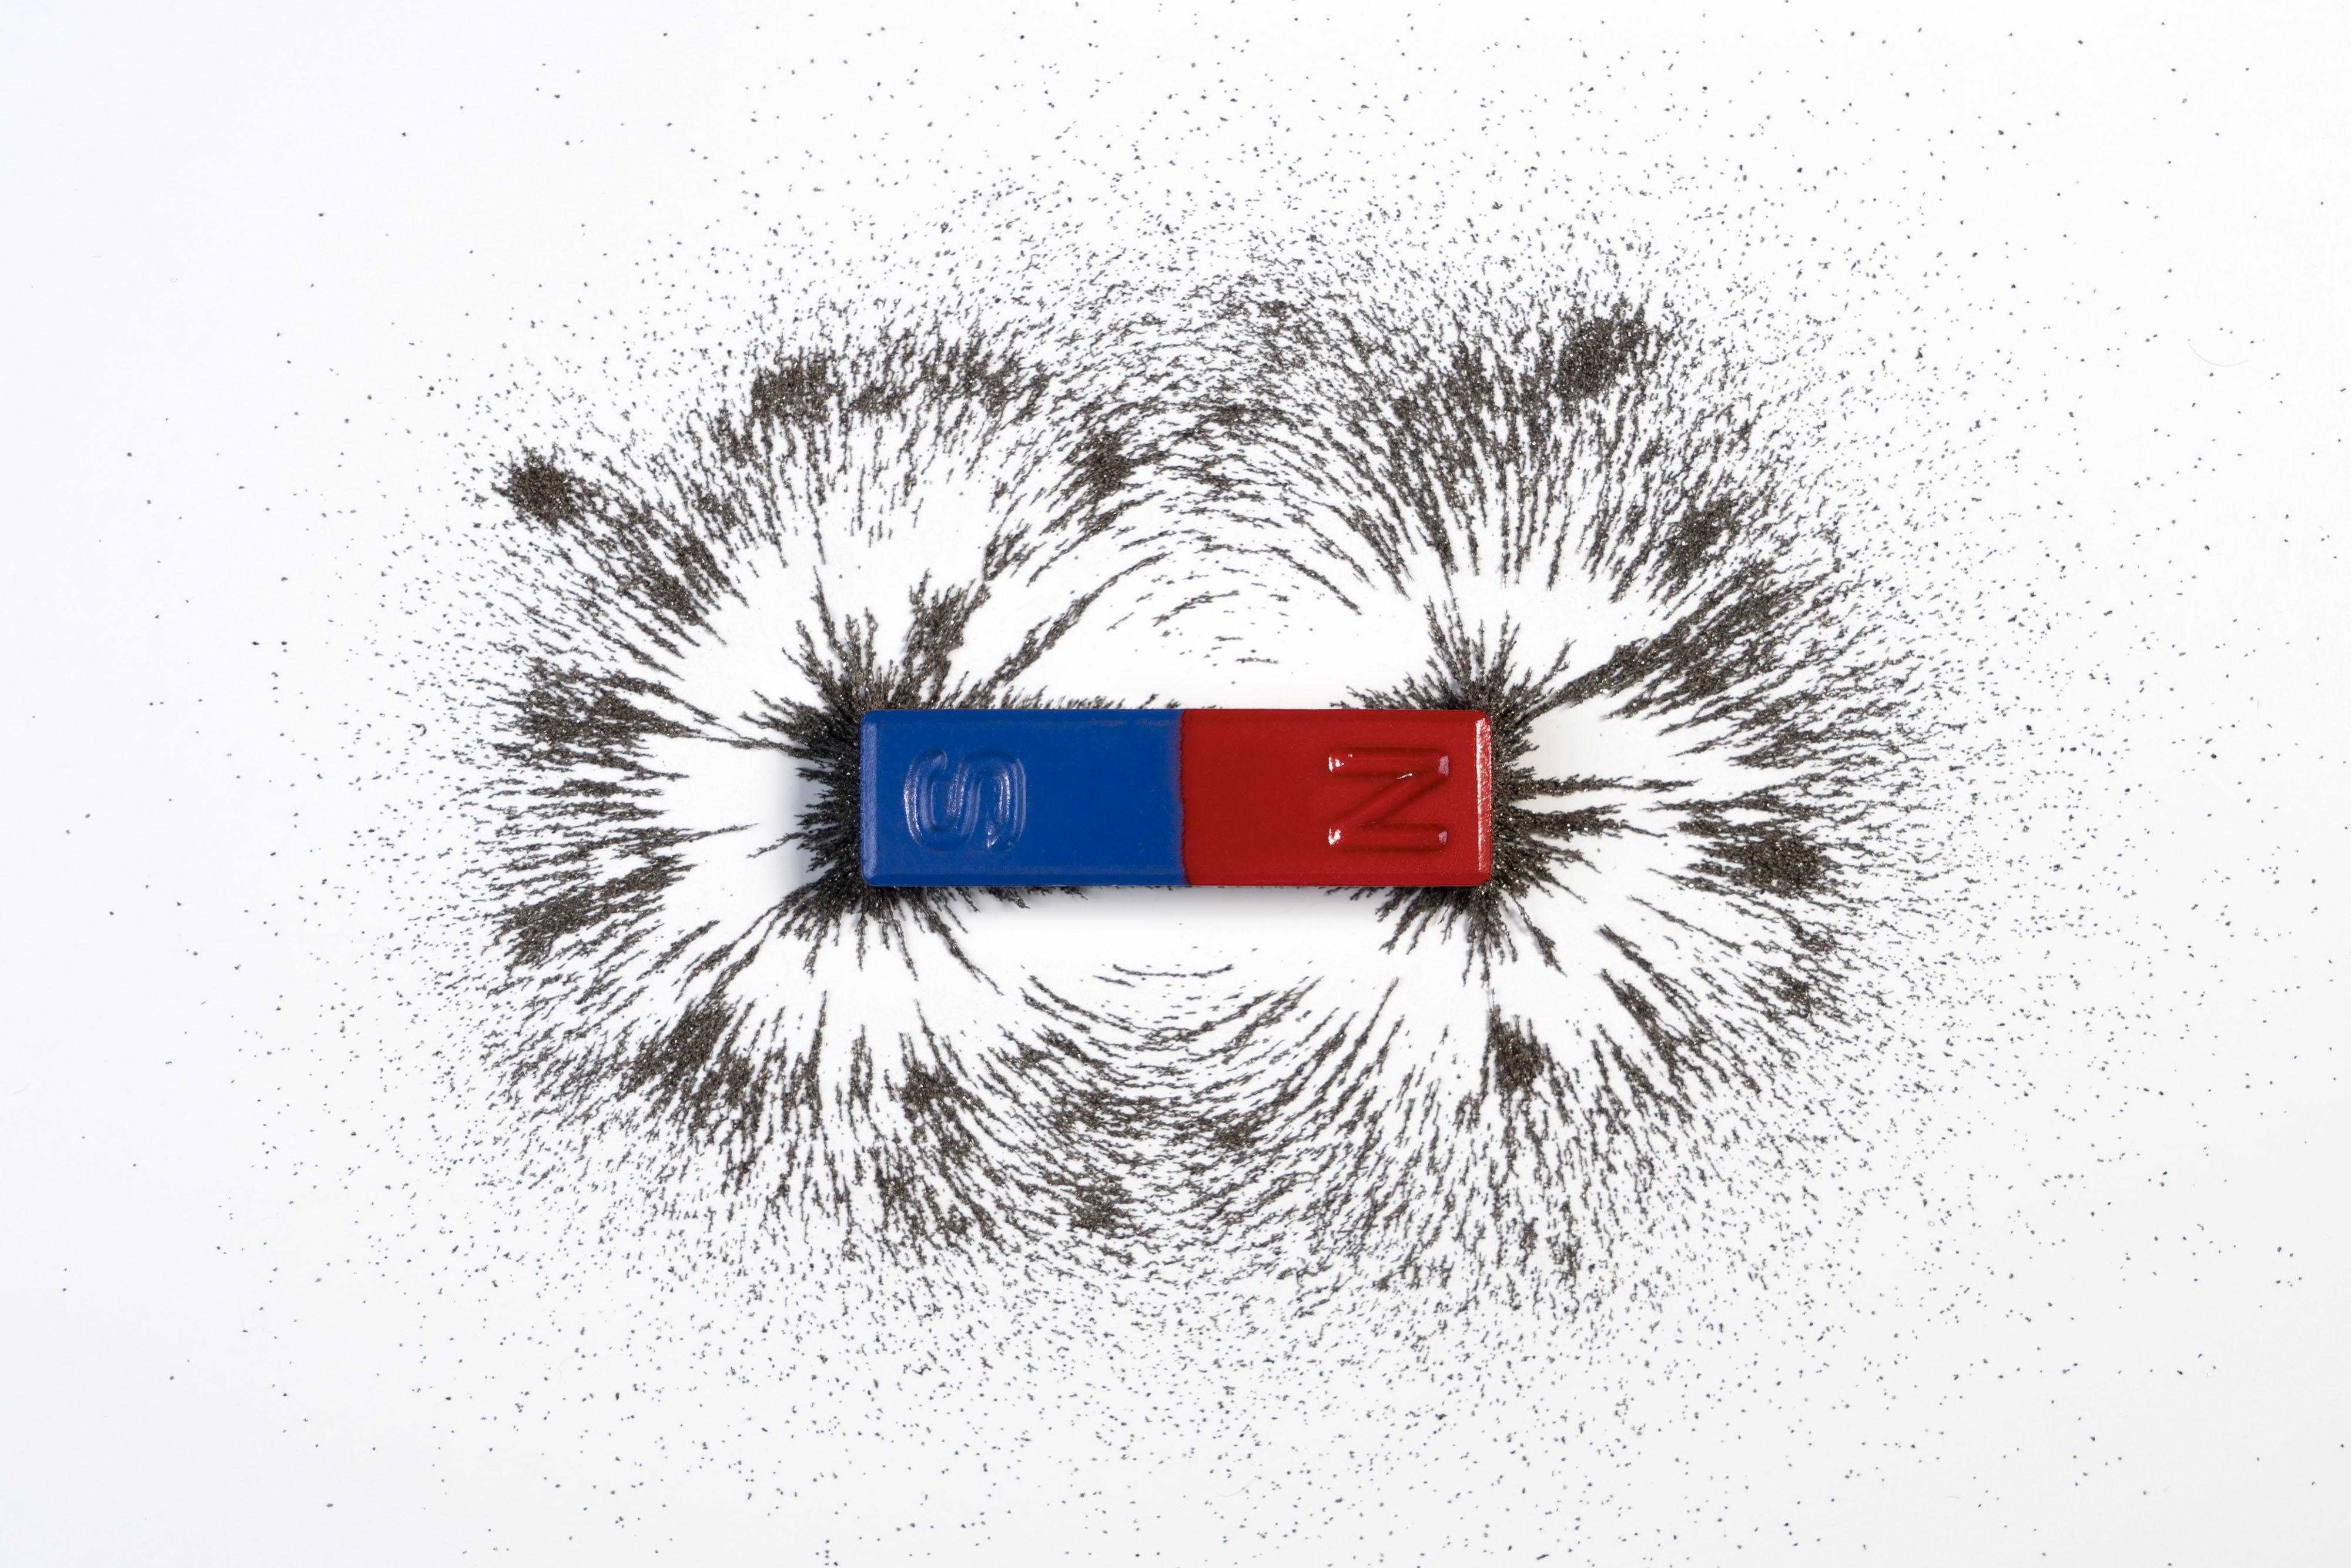 شكل المجال المغناطيسي لقضيب مغناطيسي ذي قطبين أحدهما لونه أحمر والآخر لونه أزرق أو مغناطيس منثور حوله برادة حديد – مُعدَّل